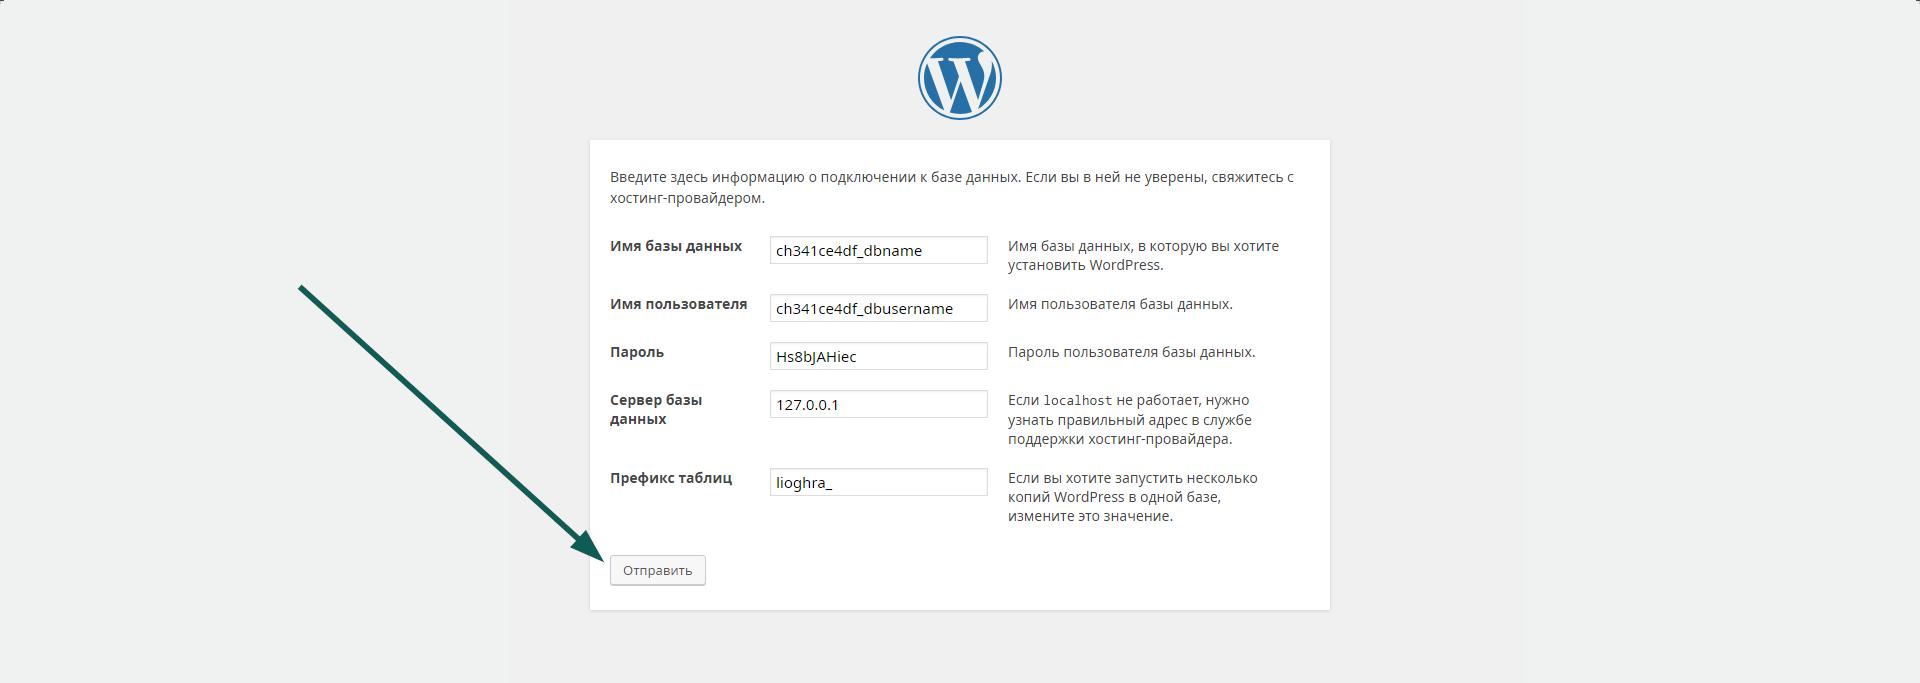 Работать в wordpress на хостинге бесплатный хостинг серверов майна